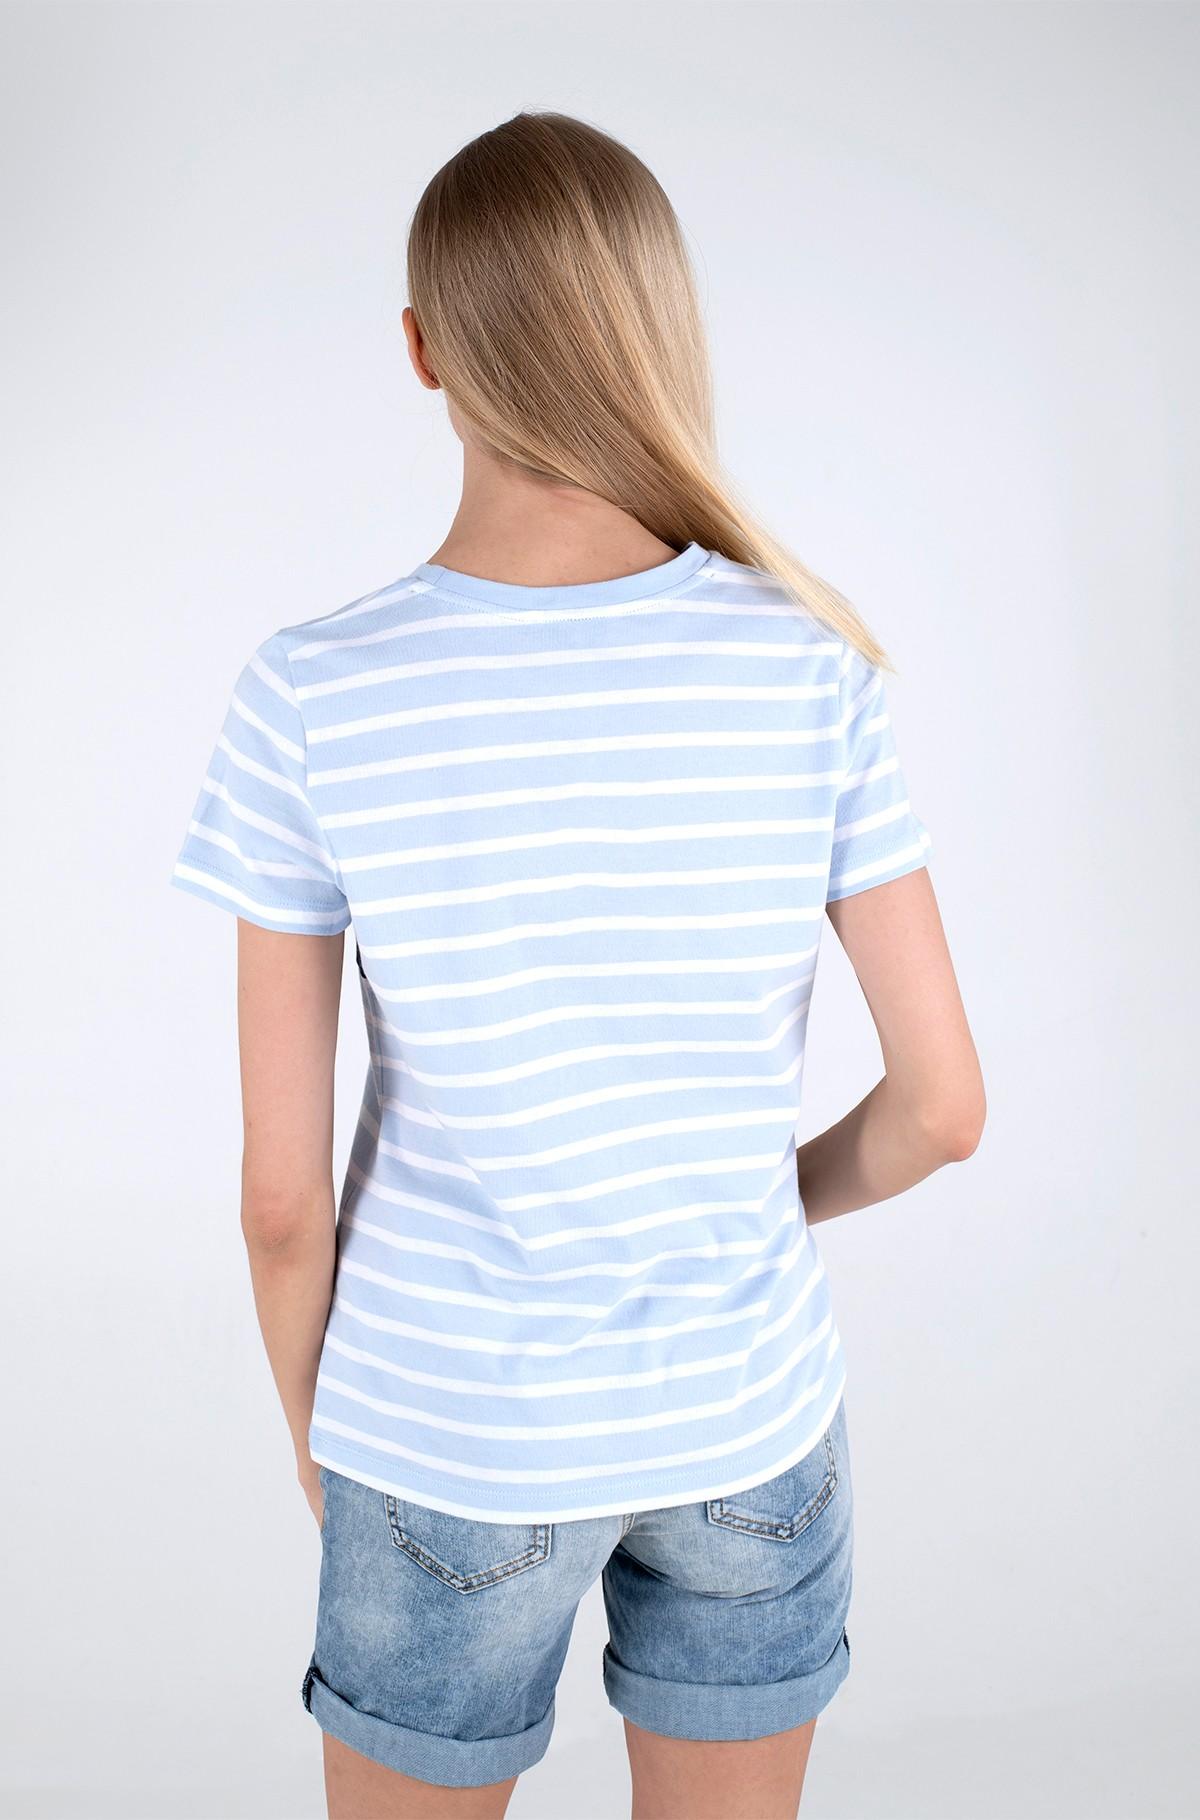 T-shirt ABO TEE REGULAR FIT FLAG-full-2